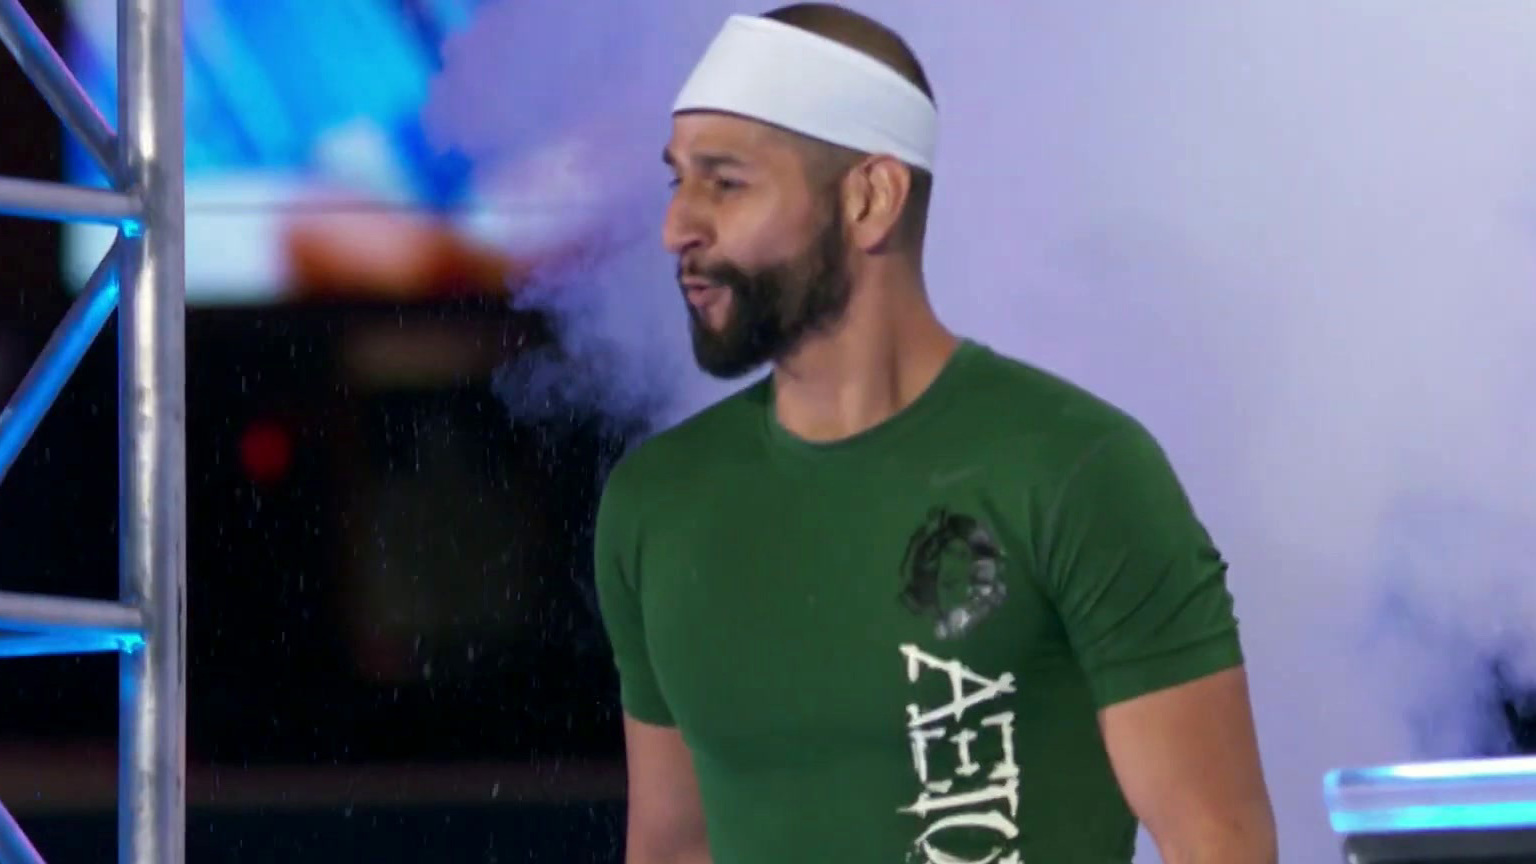 American Ninja Warrior: Abel Gonzalez Brings Big Texas Spirit